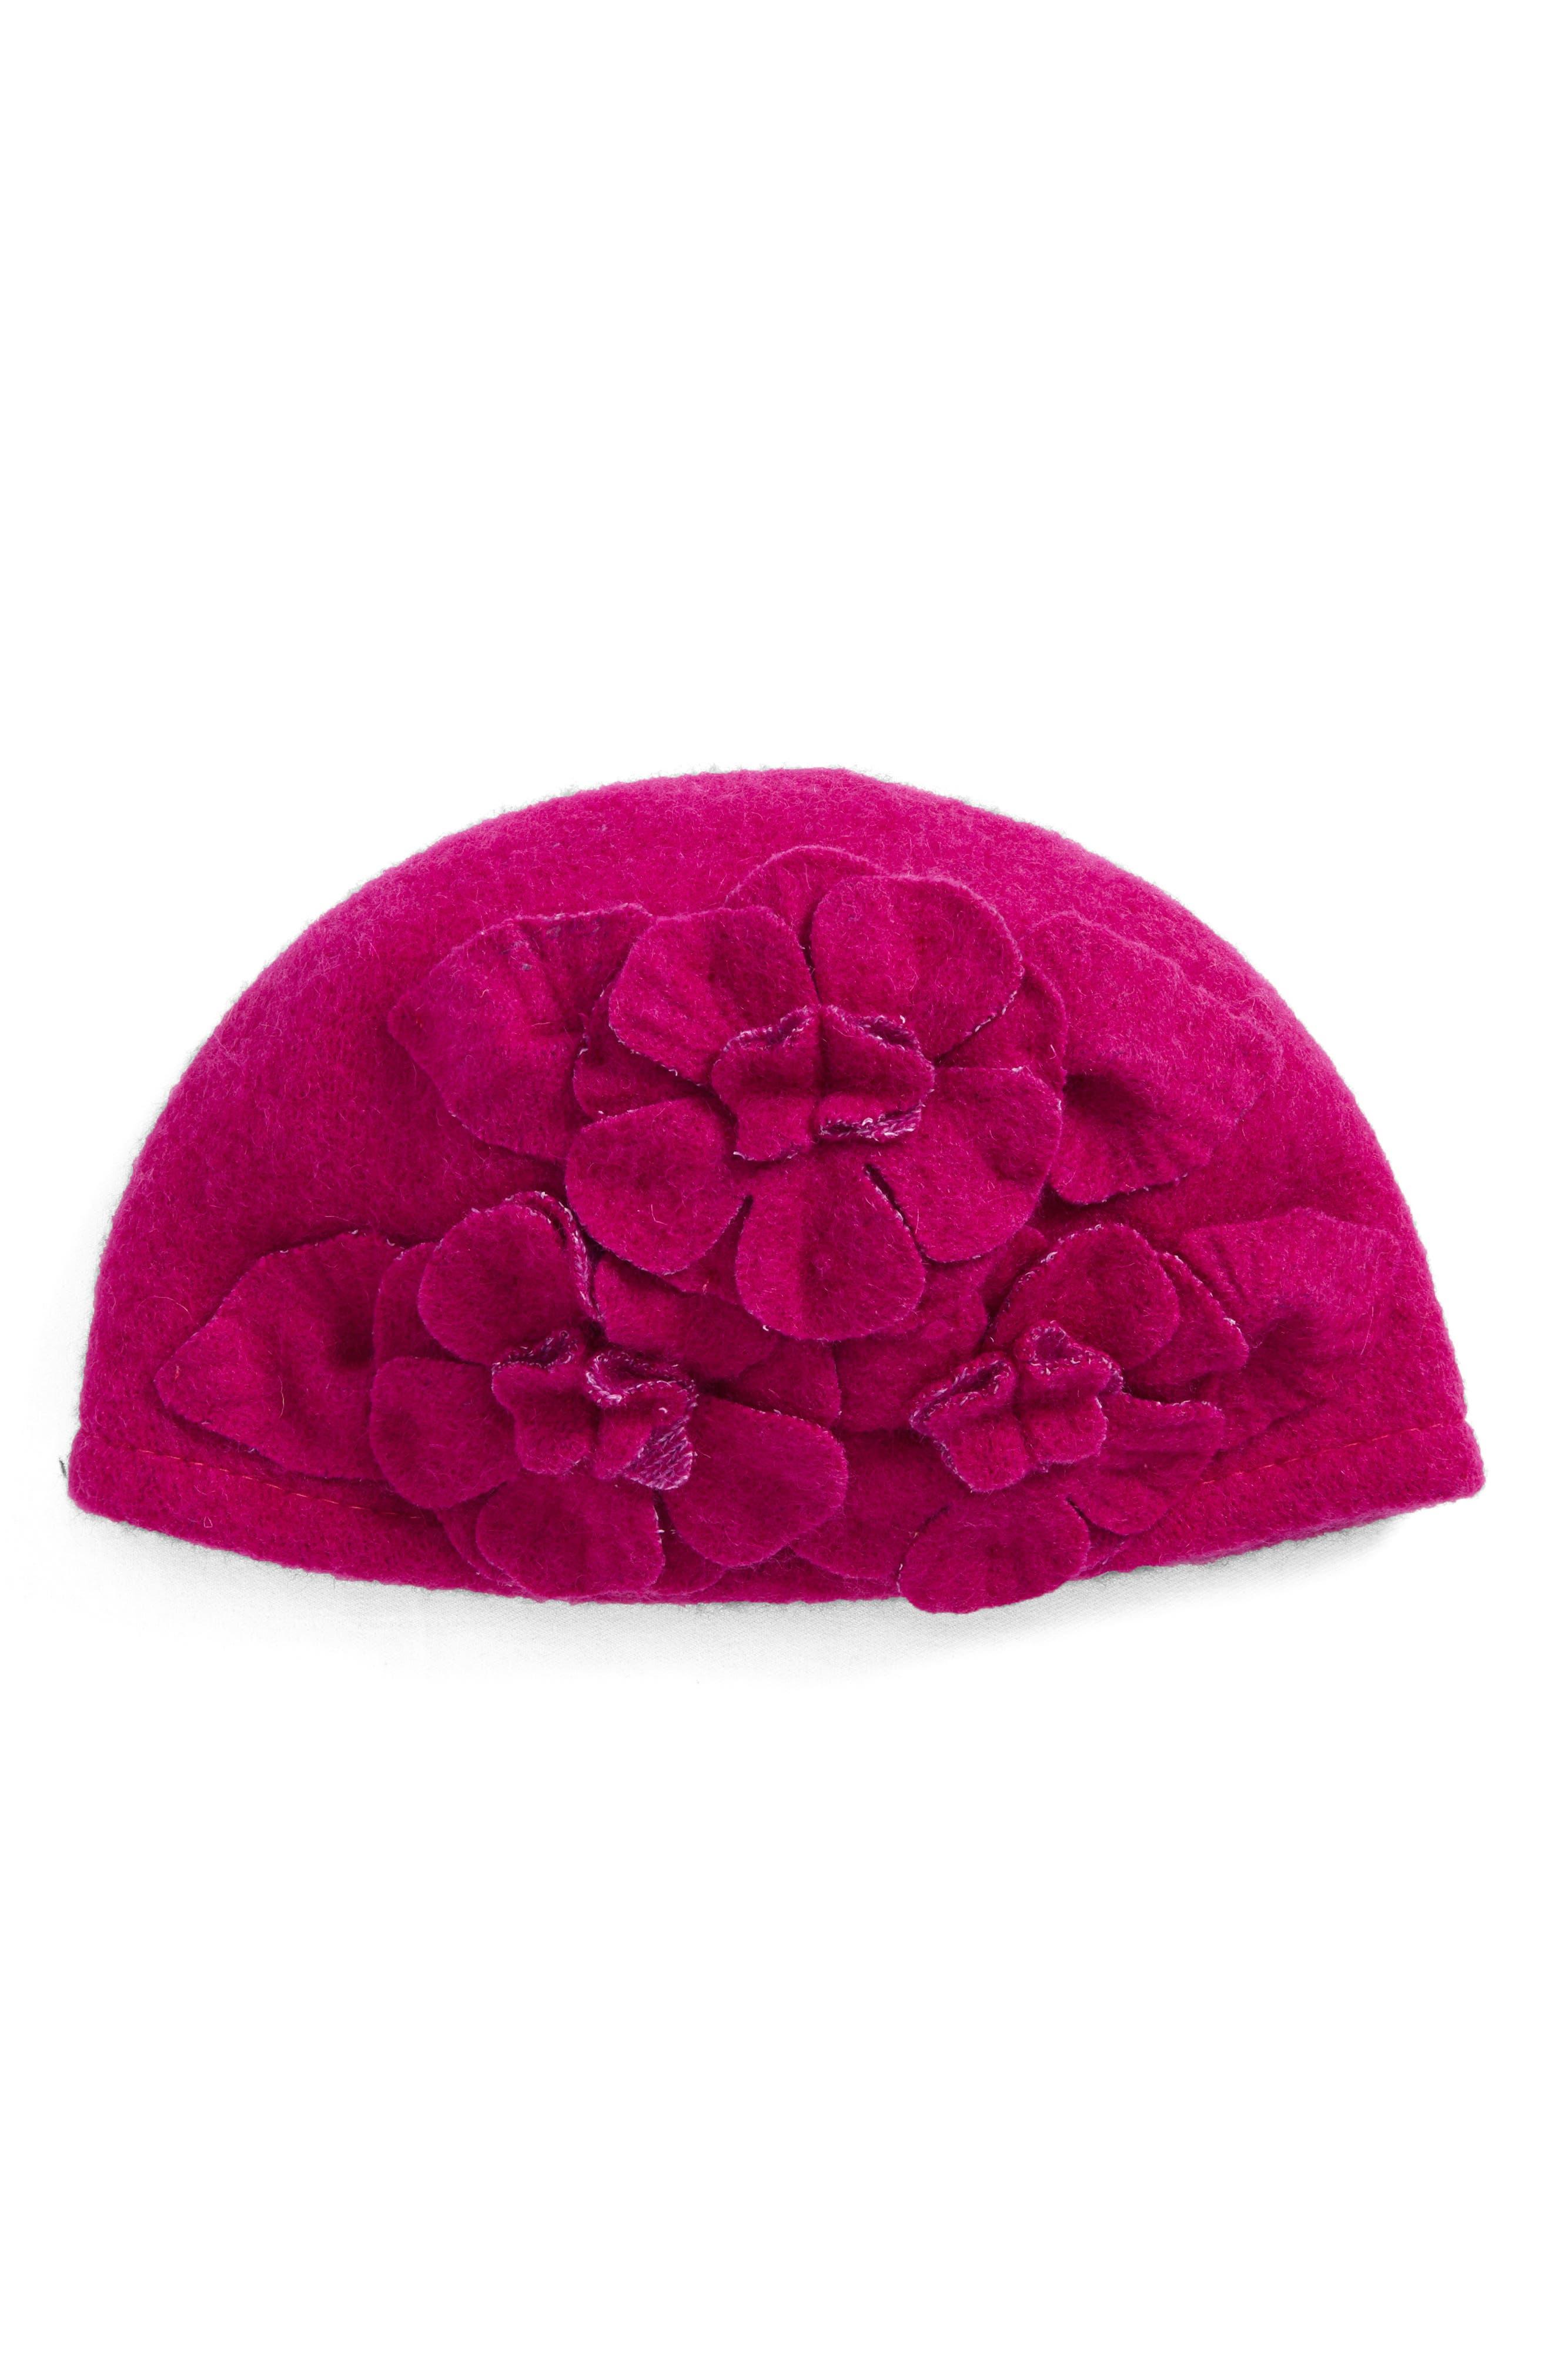 Main Image - Helene BermanFloral Embellished Cap